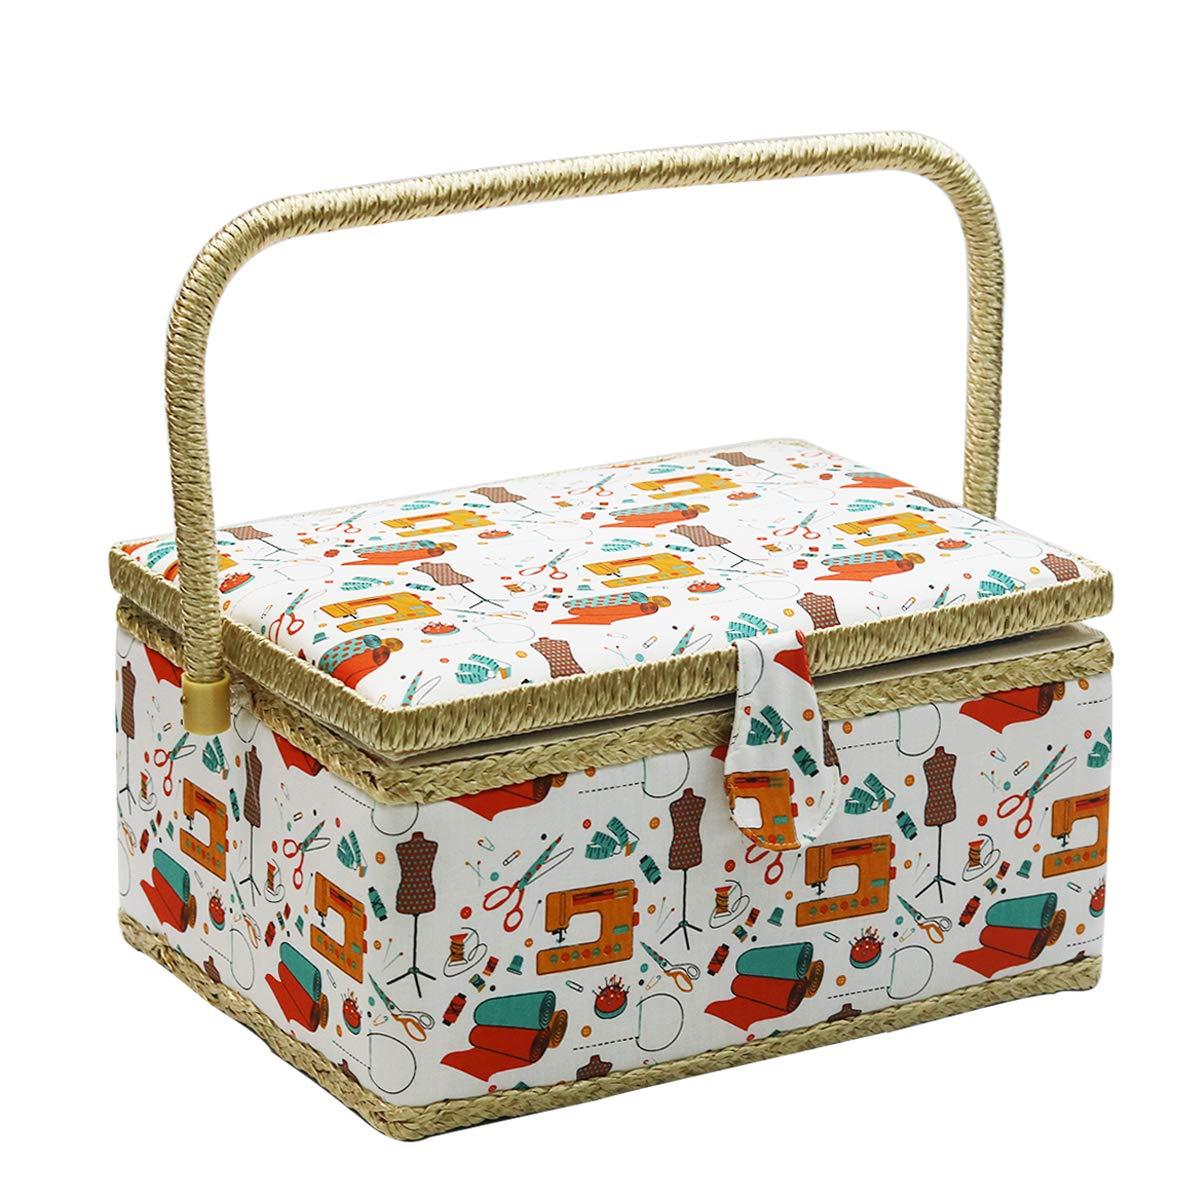 D&D Caja de costura con utensilios de costura, kit de costura organizador para el hogar y el uso diario large naranja: Amazon.es: Hogar